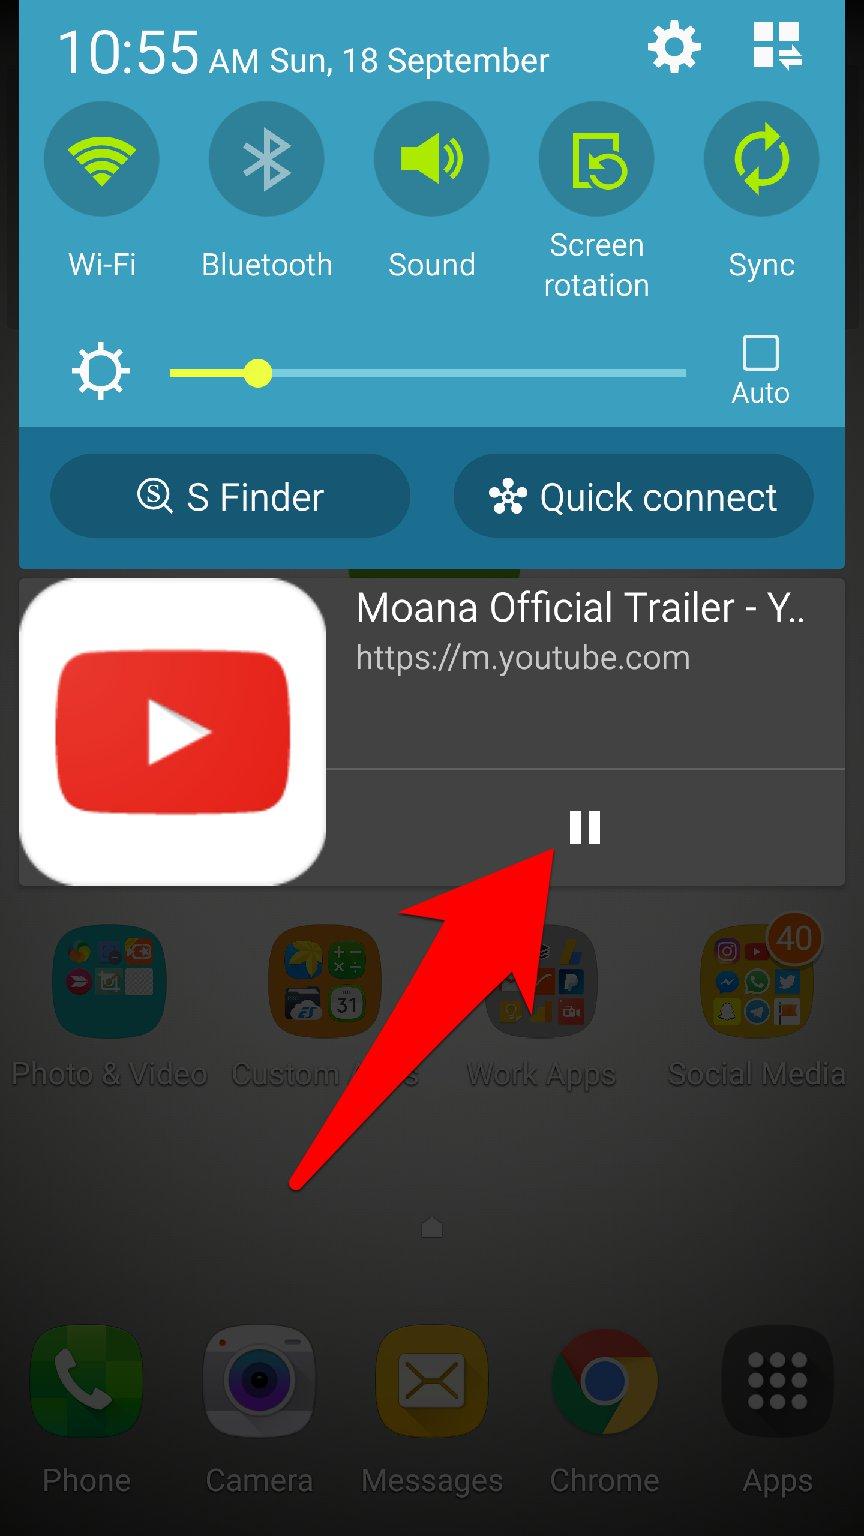 طريقة تشغيل مقاطع اليوتيوب في الخلفية اوالشاشة مغلقة من خلال متصفح Chrome Dev | بحرية درويد